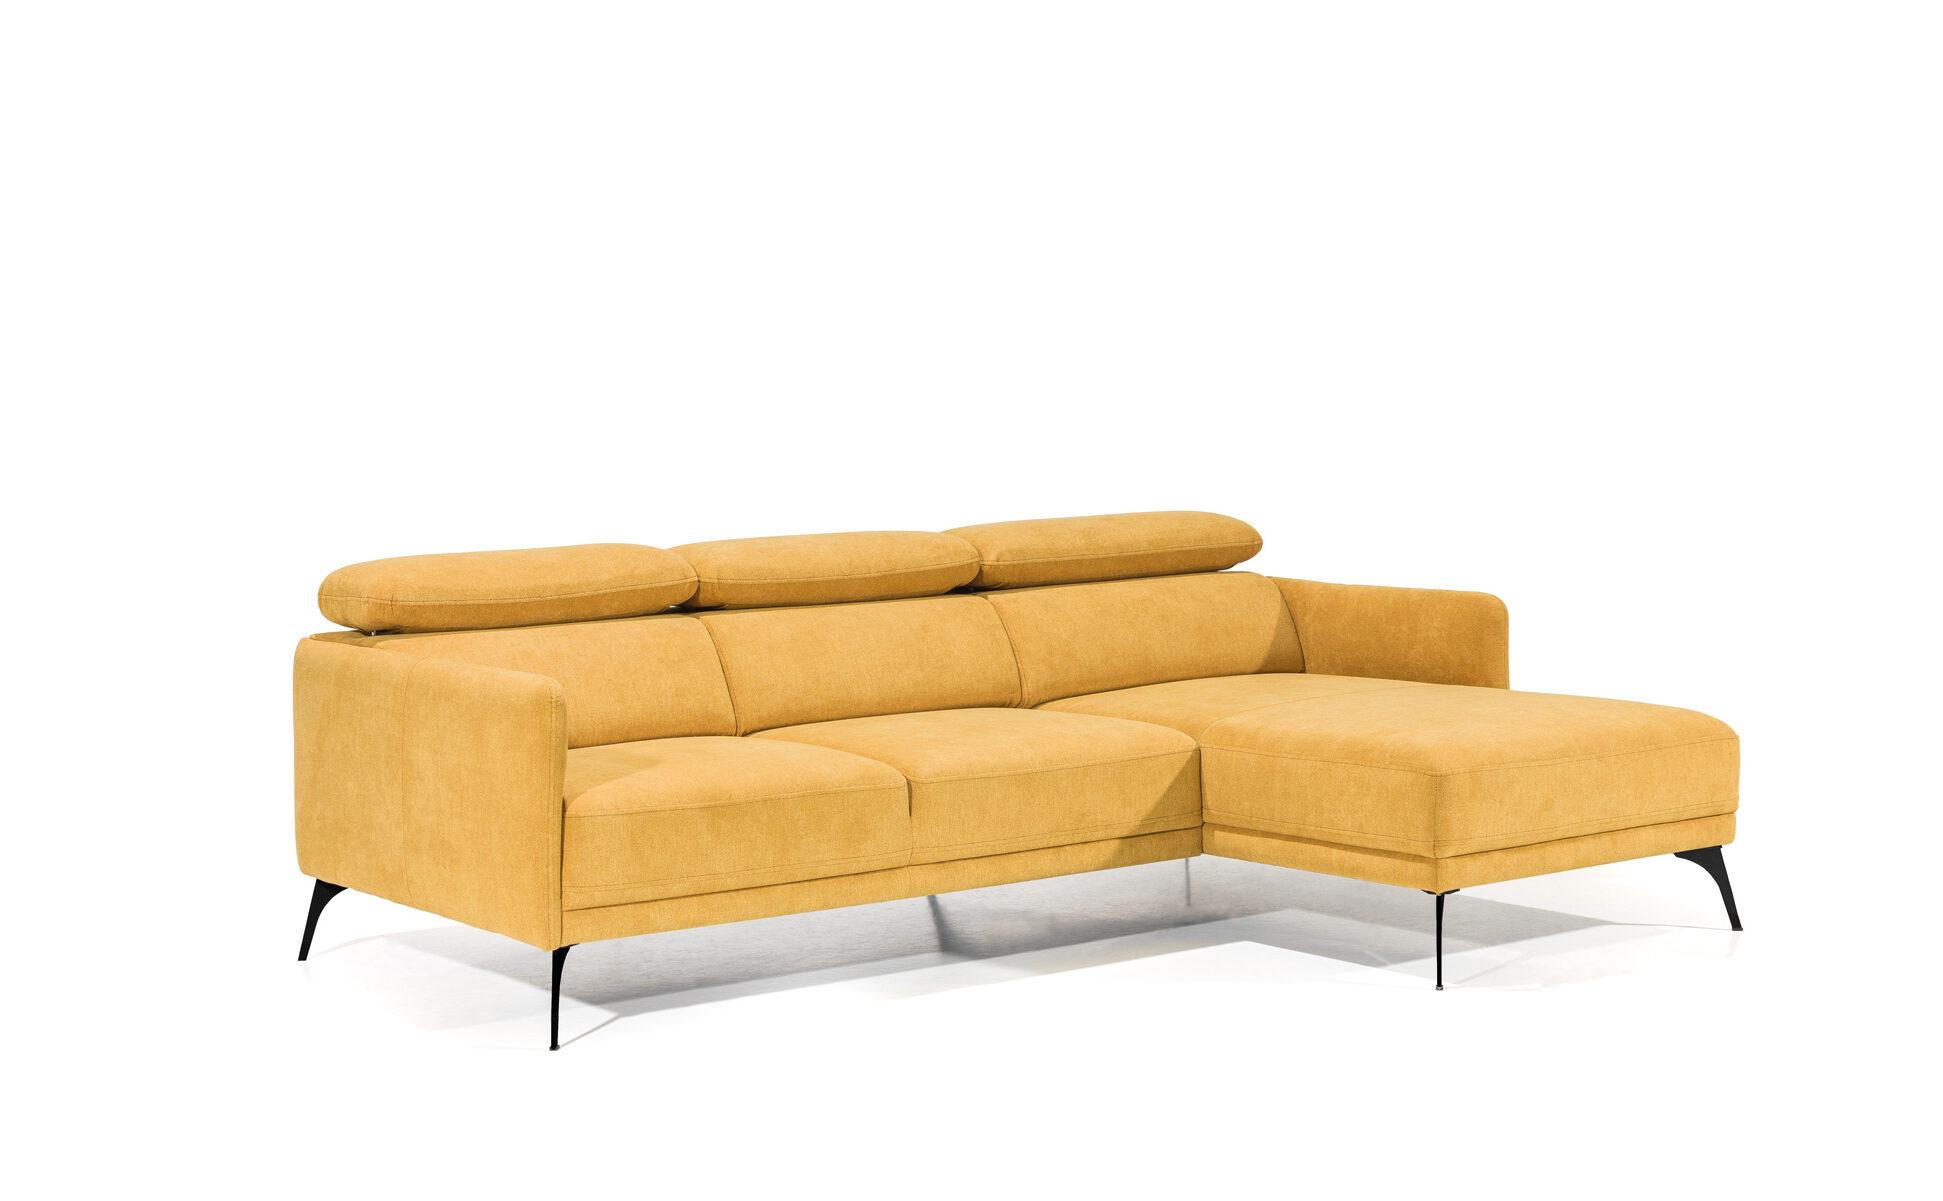 Ecksofa Aruba Qualitatsmobel Online Bestellen Sofa Bett